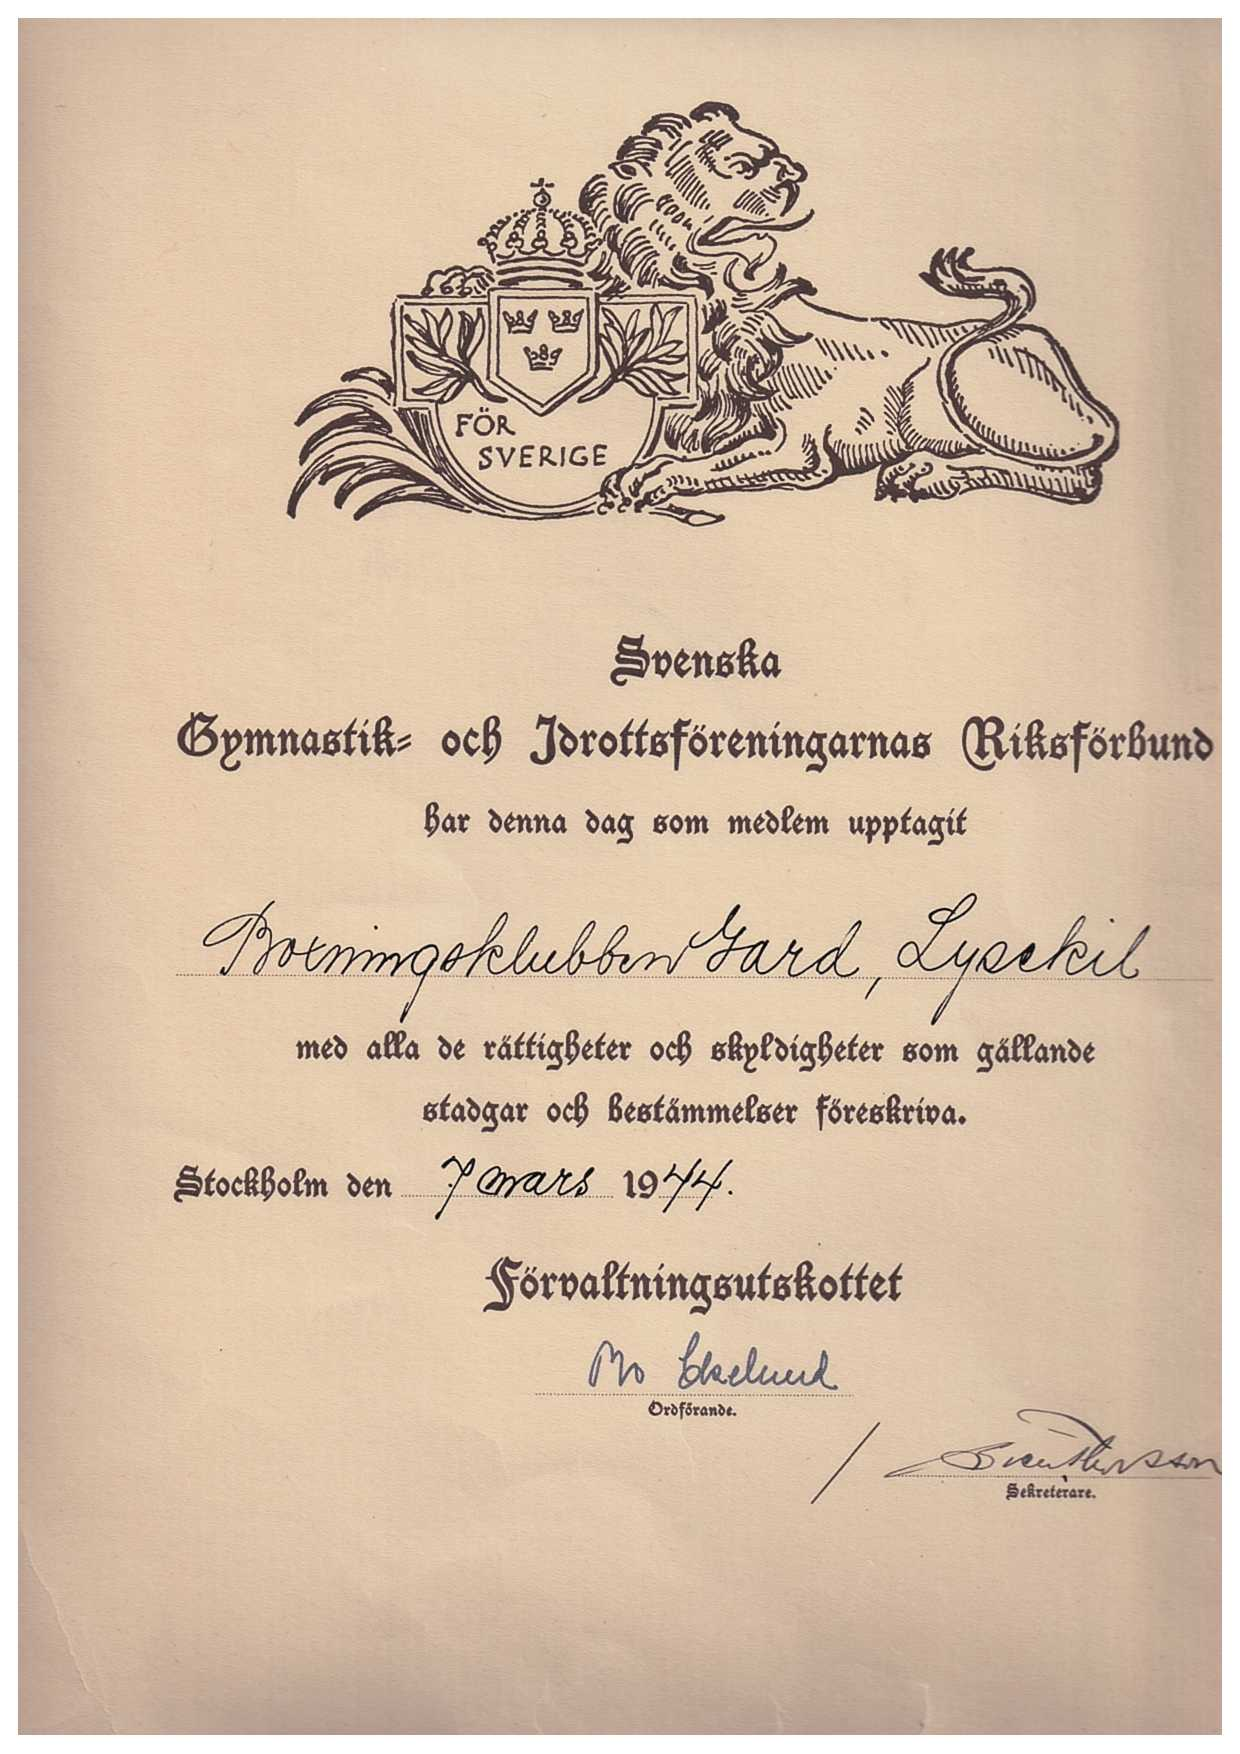 Dokument som berättar att Boxningsklubben Gard har upptagits som medlem i Gymnastik och Idrottsföreningarnas Riksförbund